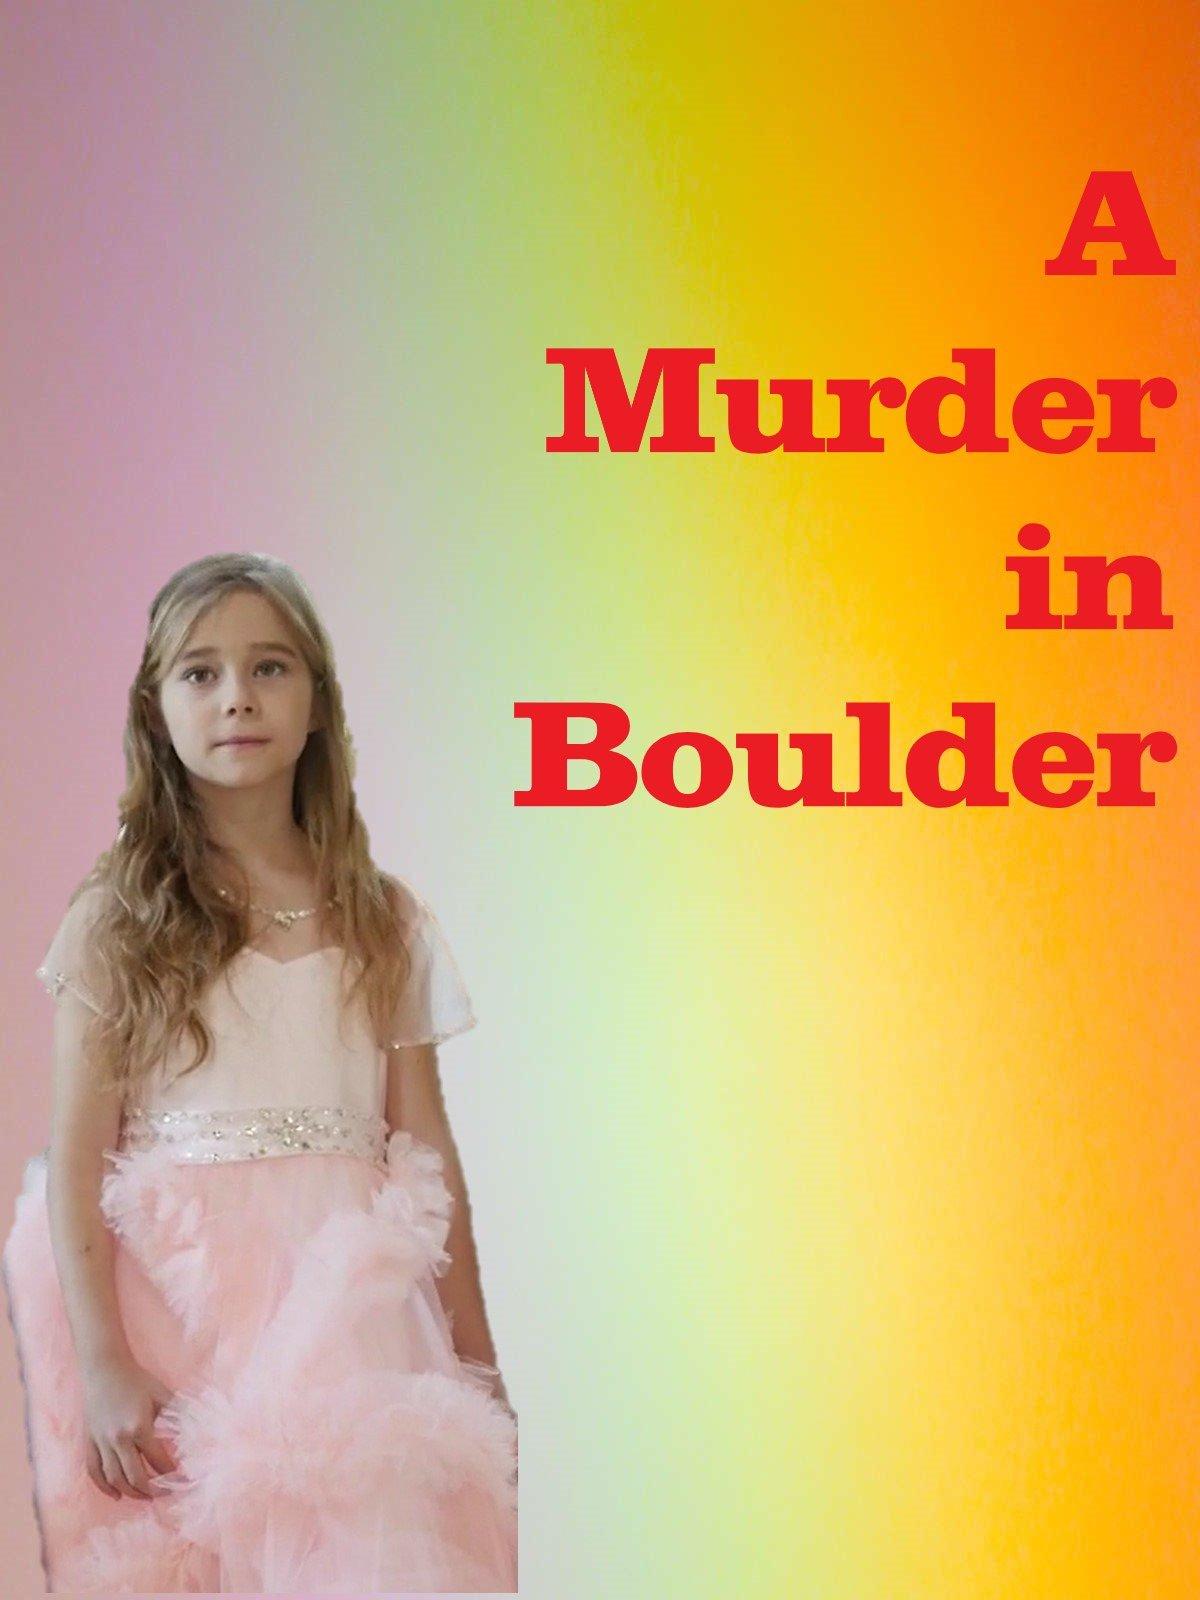 A Murder in Boulder